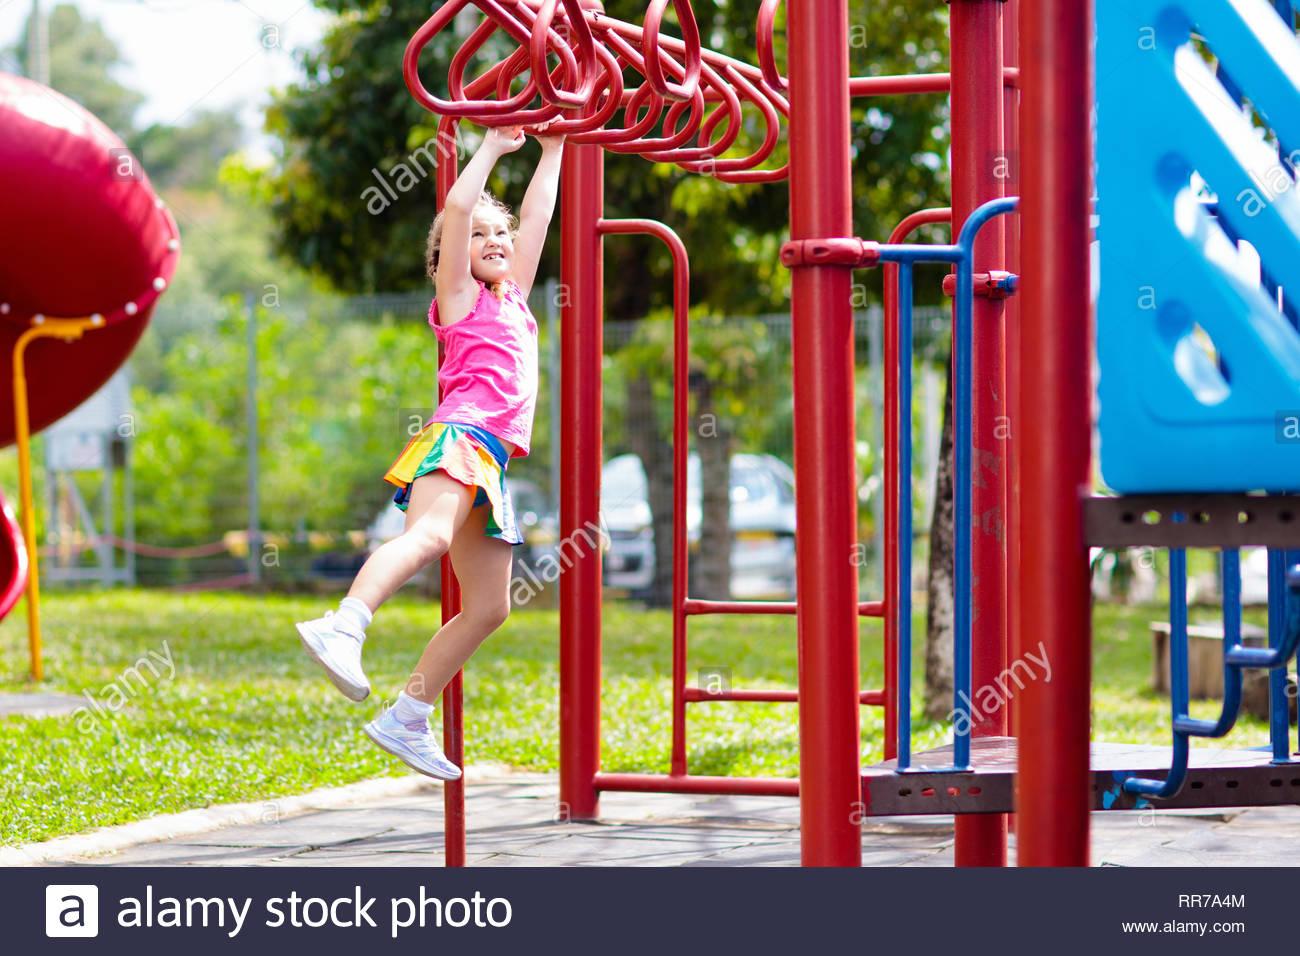 Enfant Sur Monkey Bars. Aire De Jeux Pour Enfants À L'école tout Jeux Pour Petite Fille